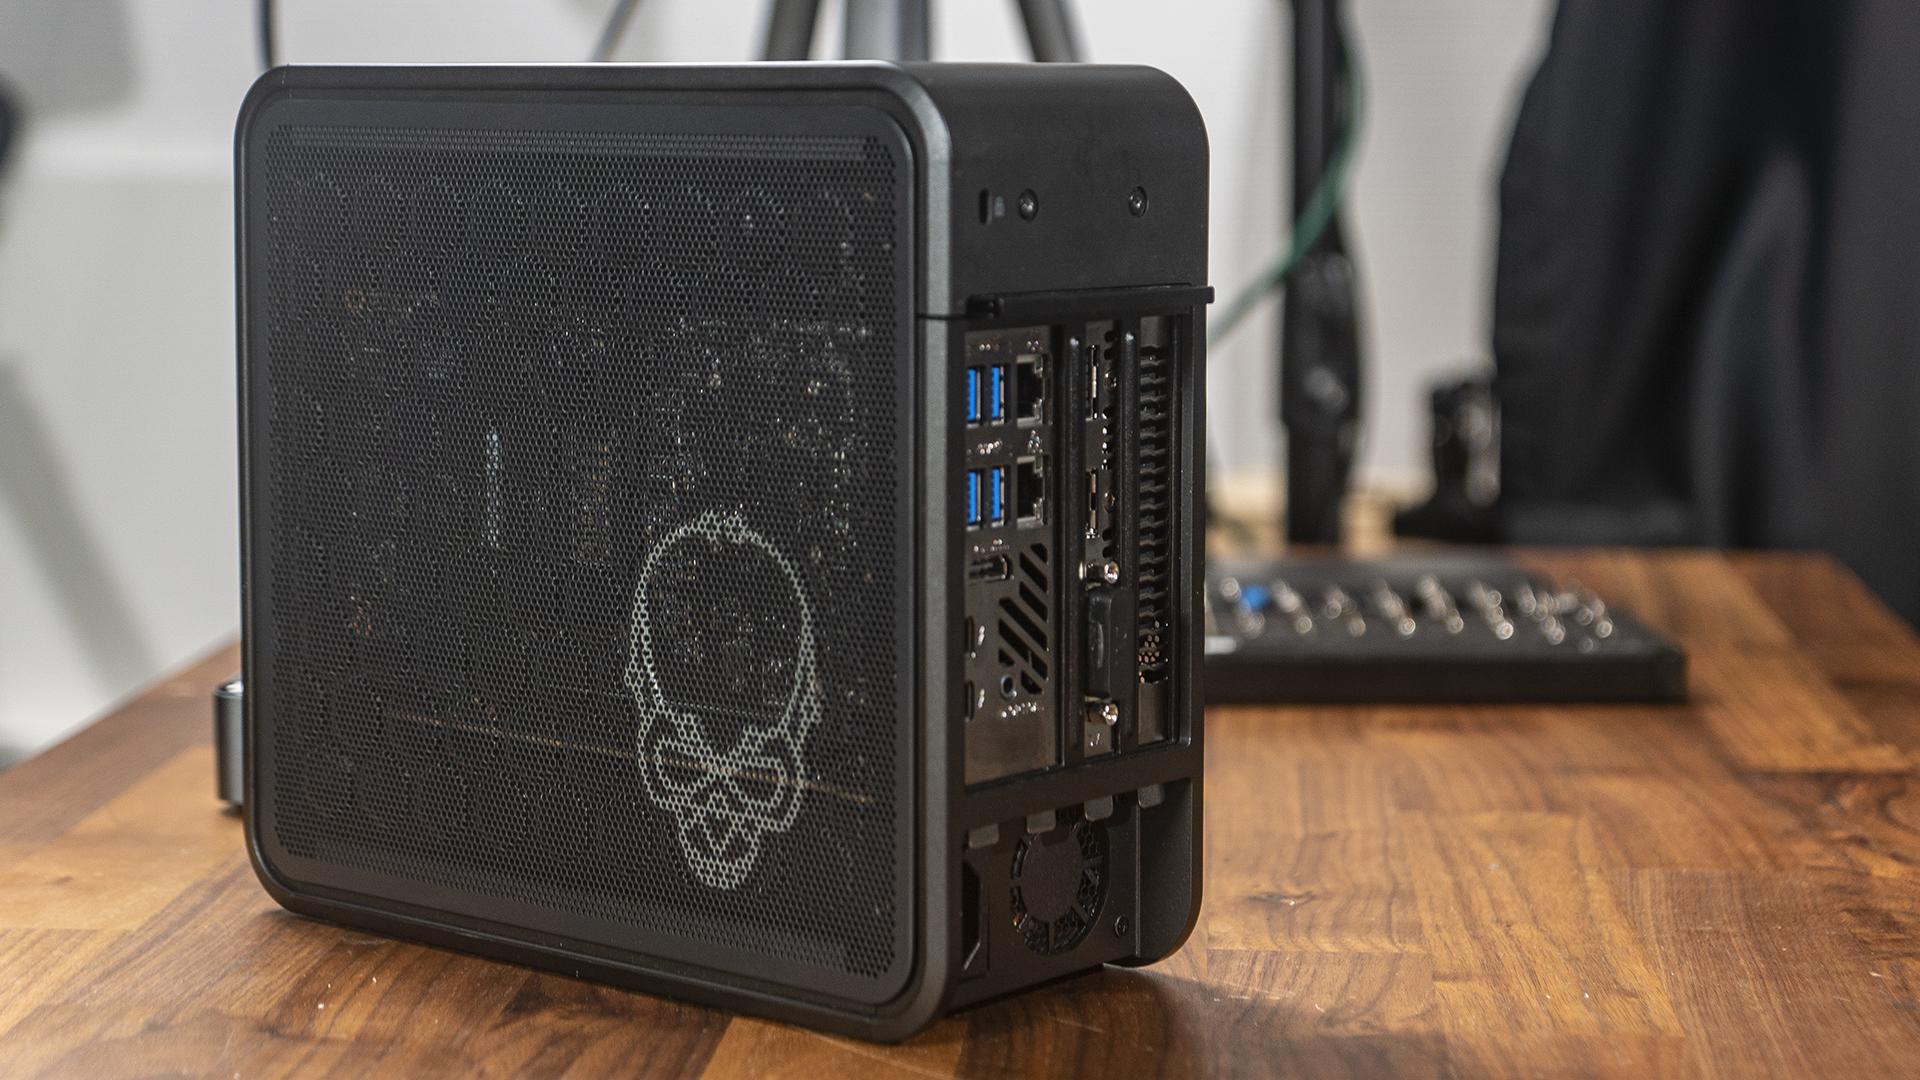 Ghost Canyon Intel NUC 9 Extreme SSD Rückseite geschlossen